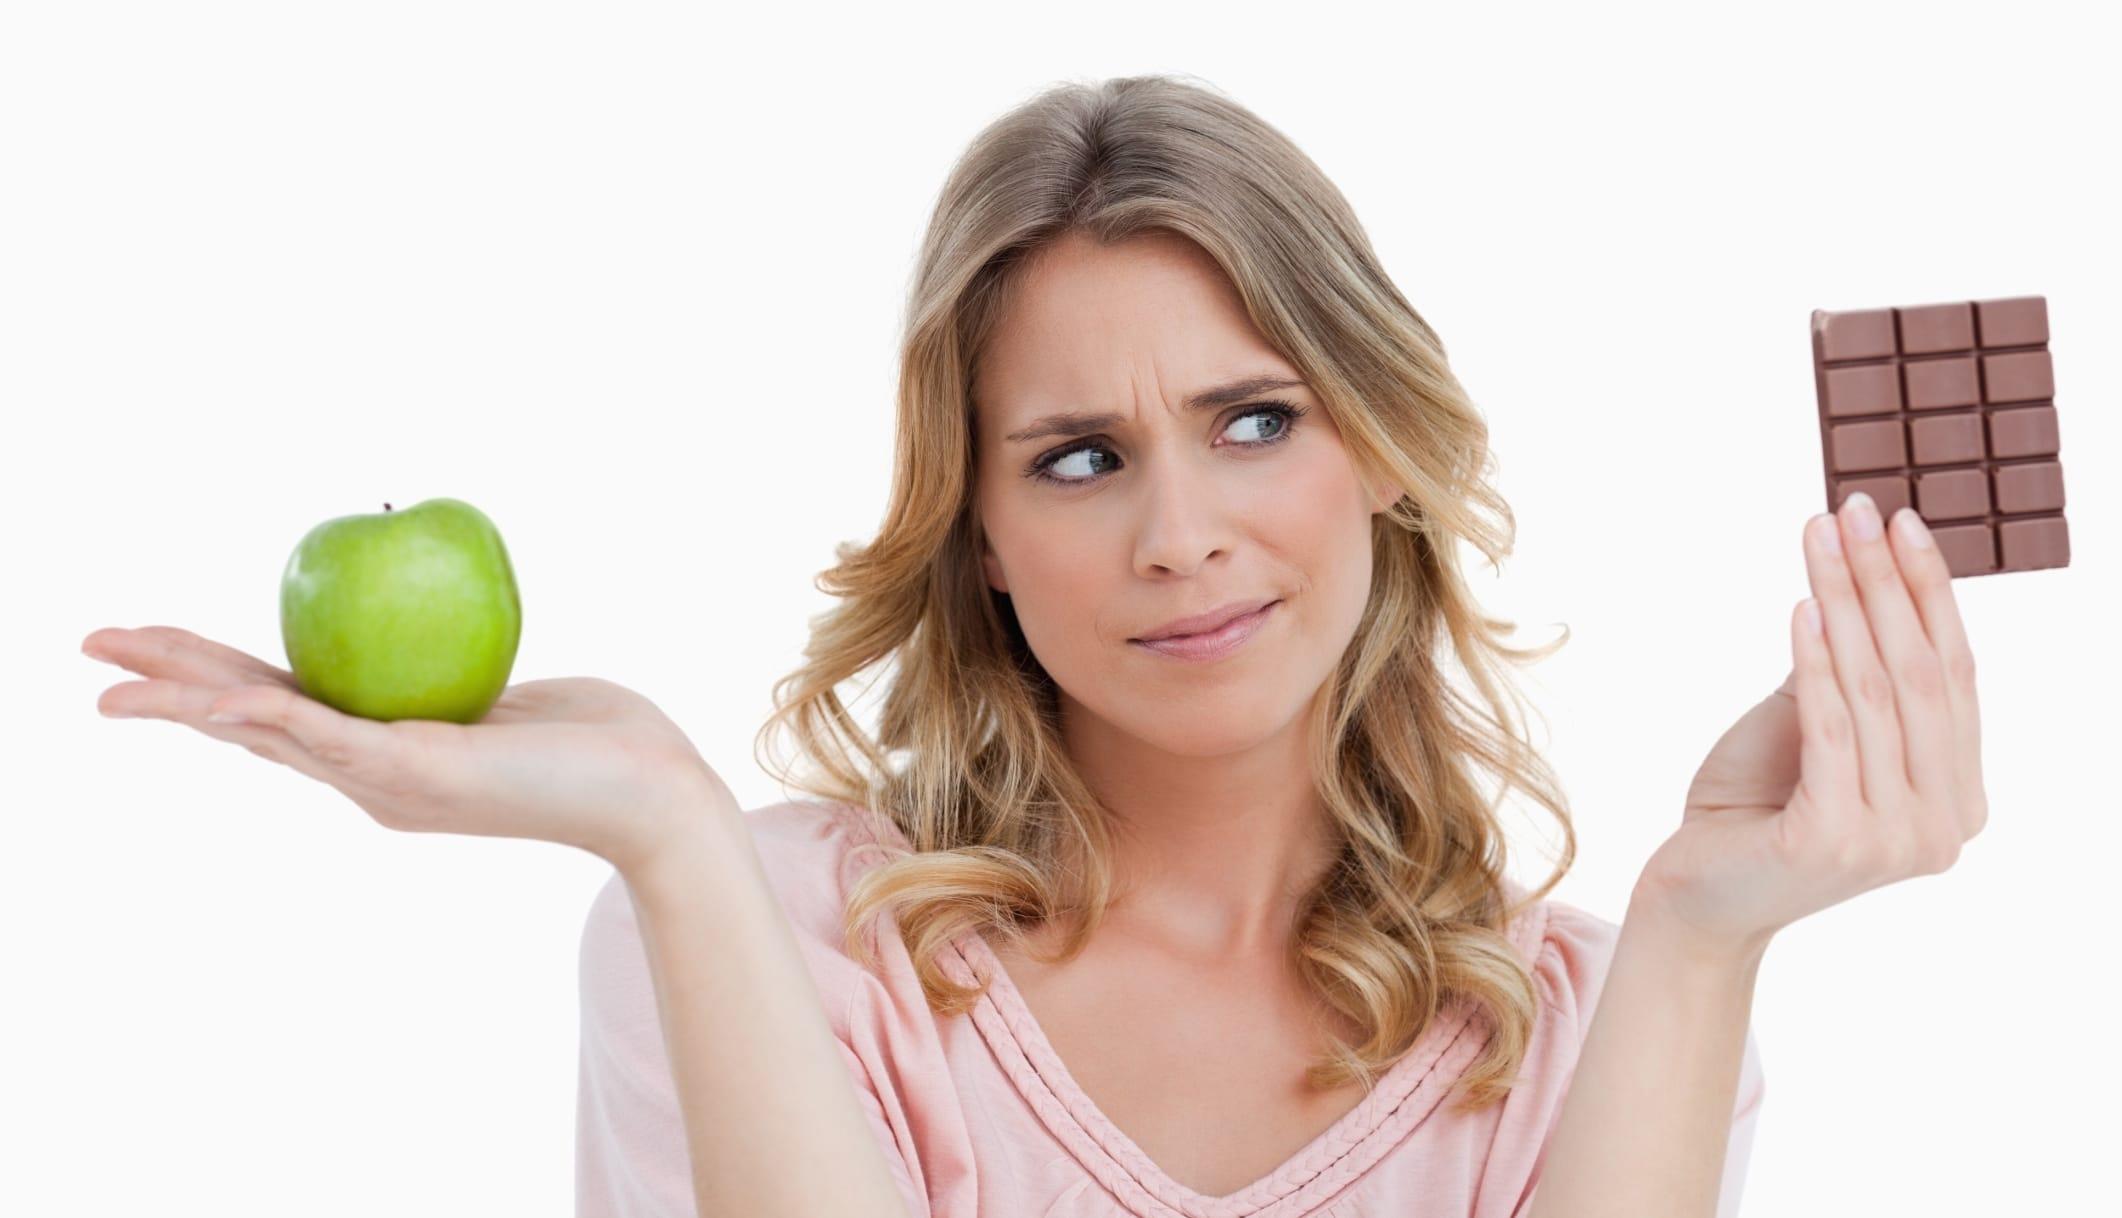 Tornare in forma dopo le feste natalizie, senza diete drastiche e digiuni: cinque consigli utili